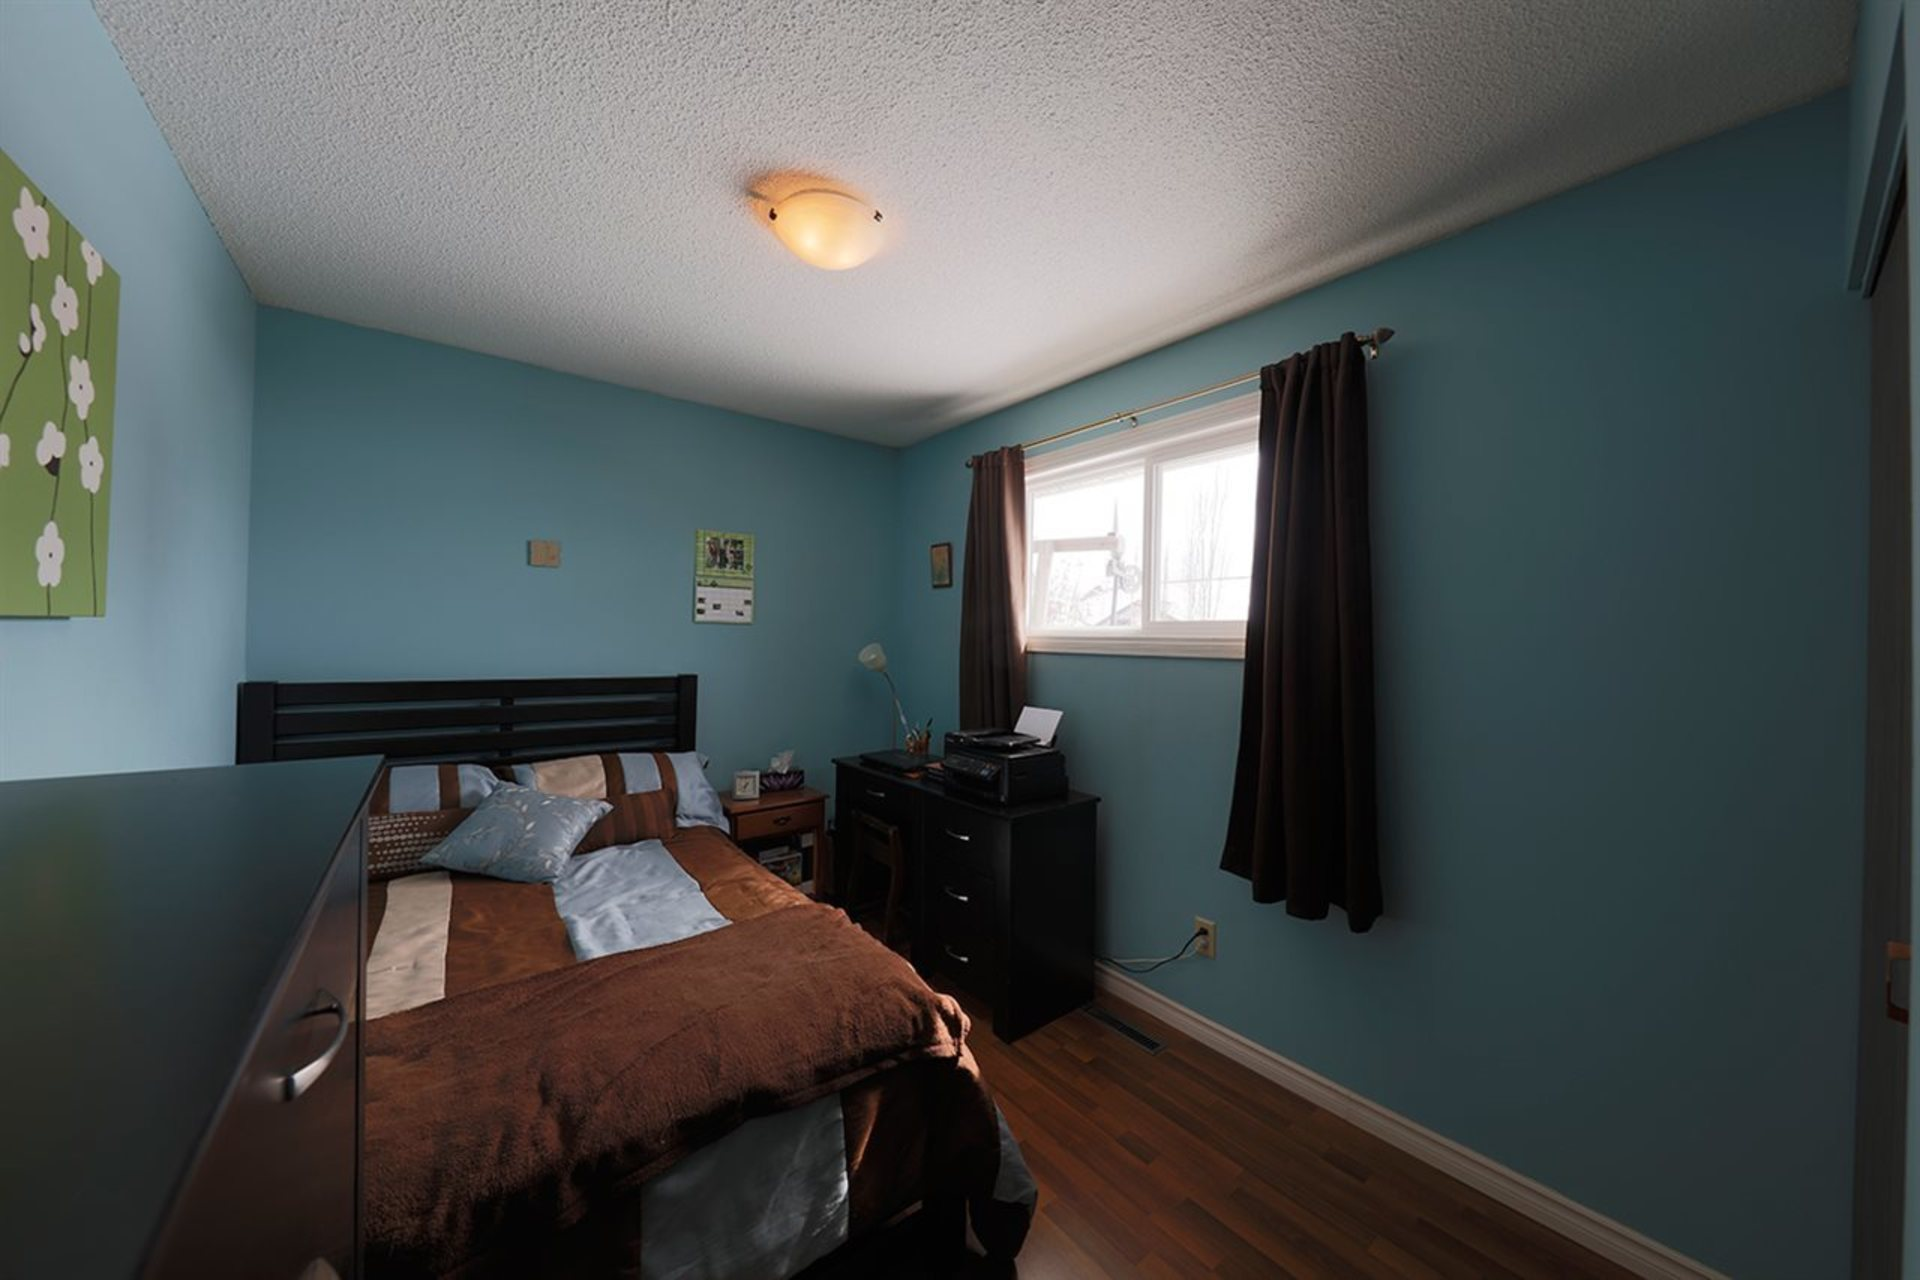 7423-141-avenue-kildare-edmonton-10 at 7423 141 Avenue, Kildare, Edmonton